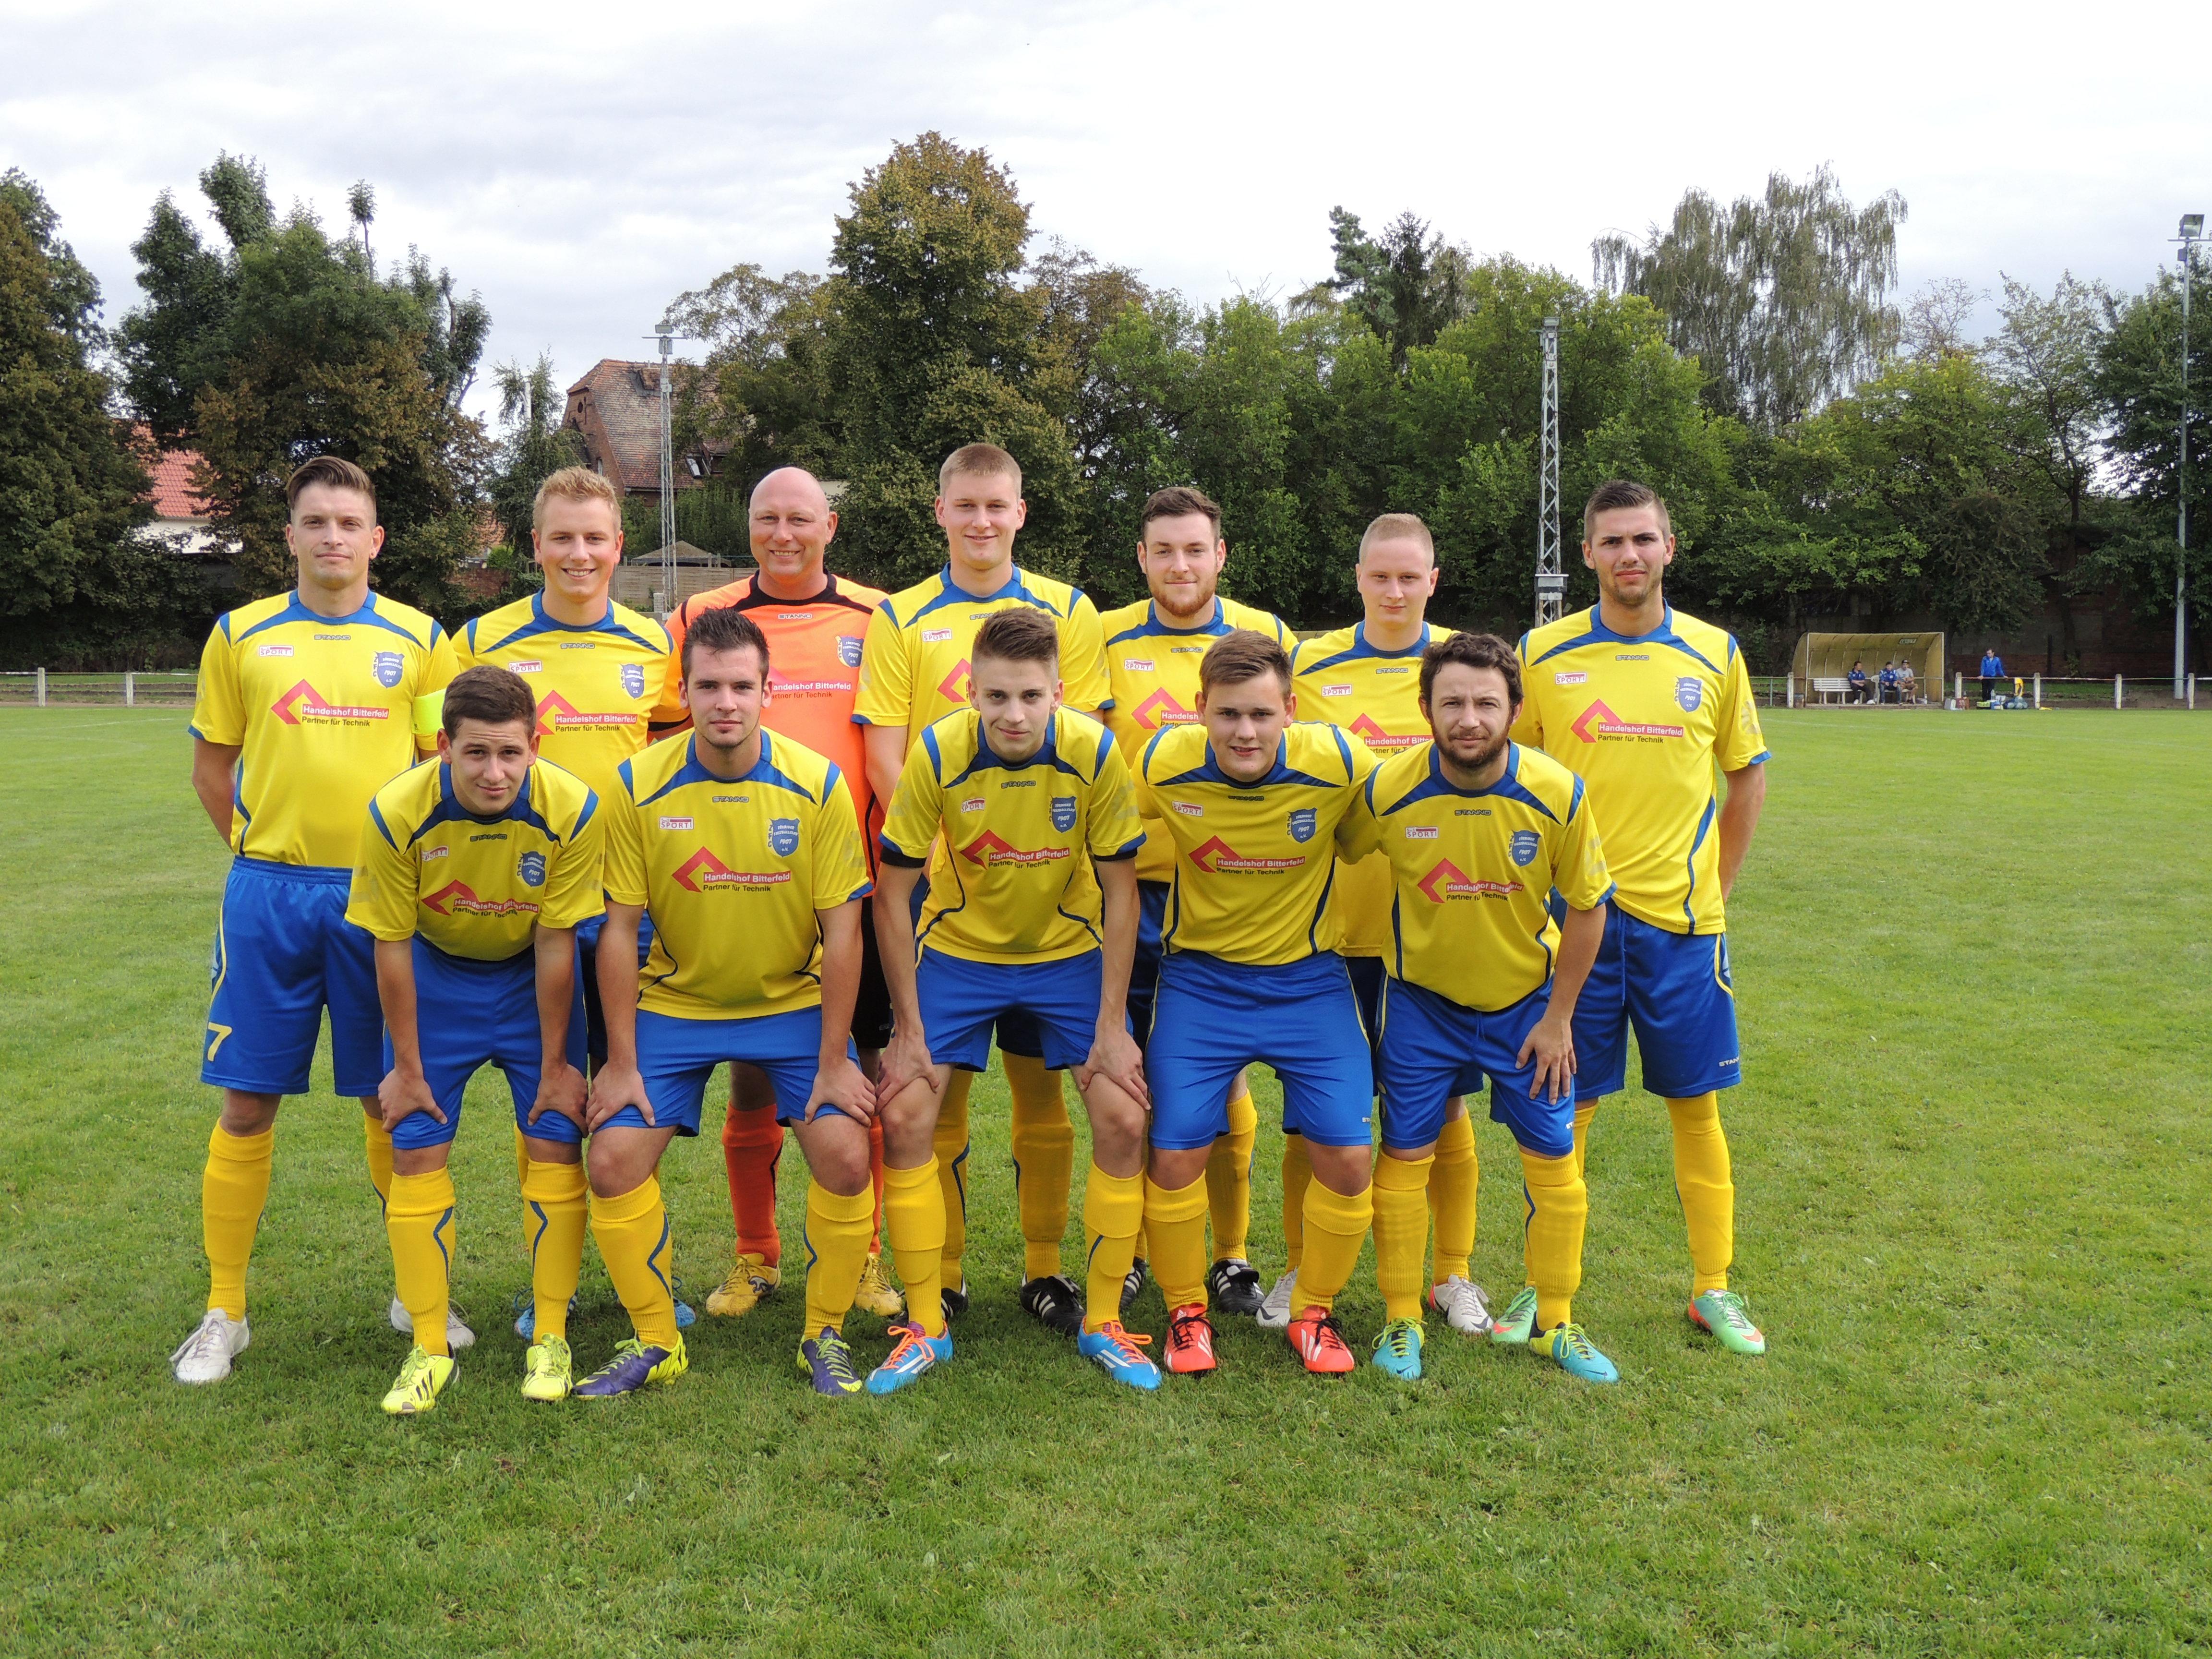 Vor dem Spiel in Gröbzig Saison 2014/15